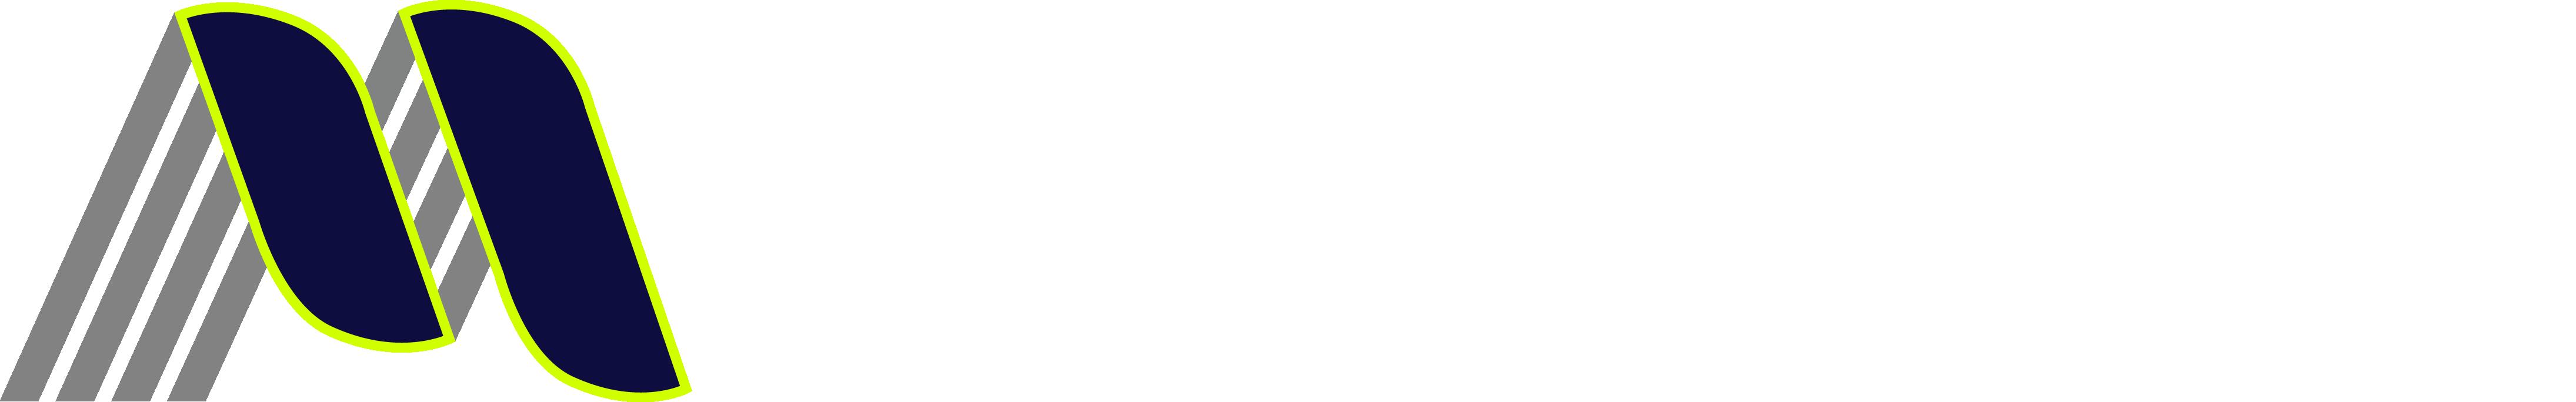 Martindi GmbH